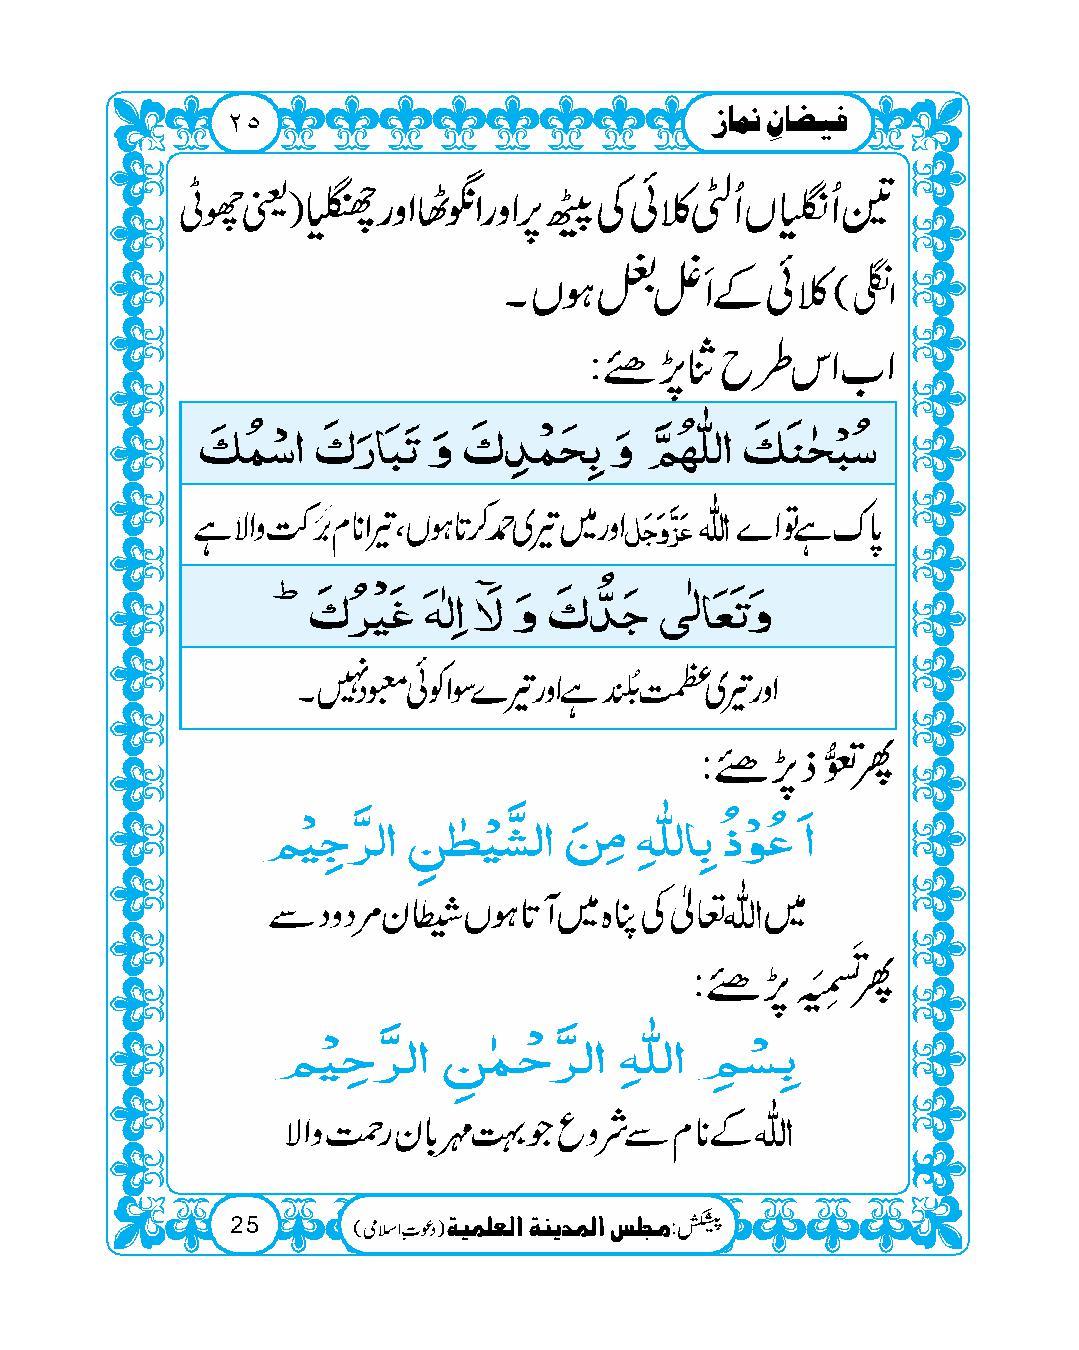 page No 25